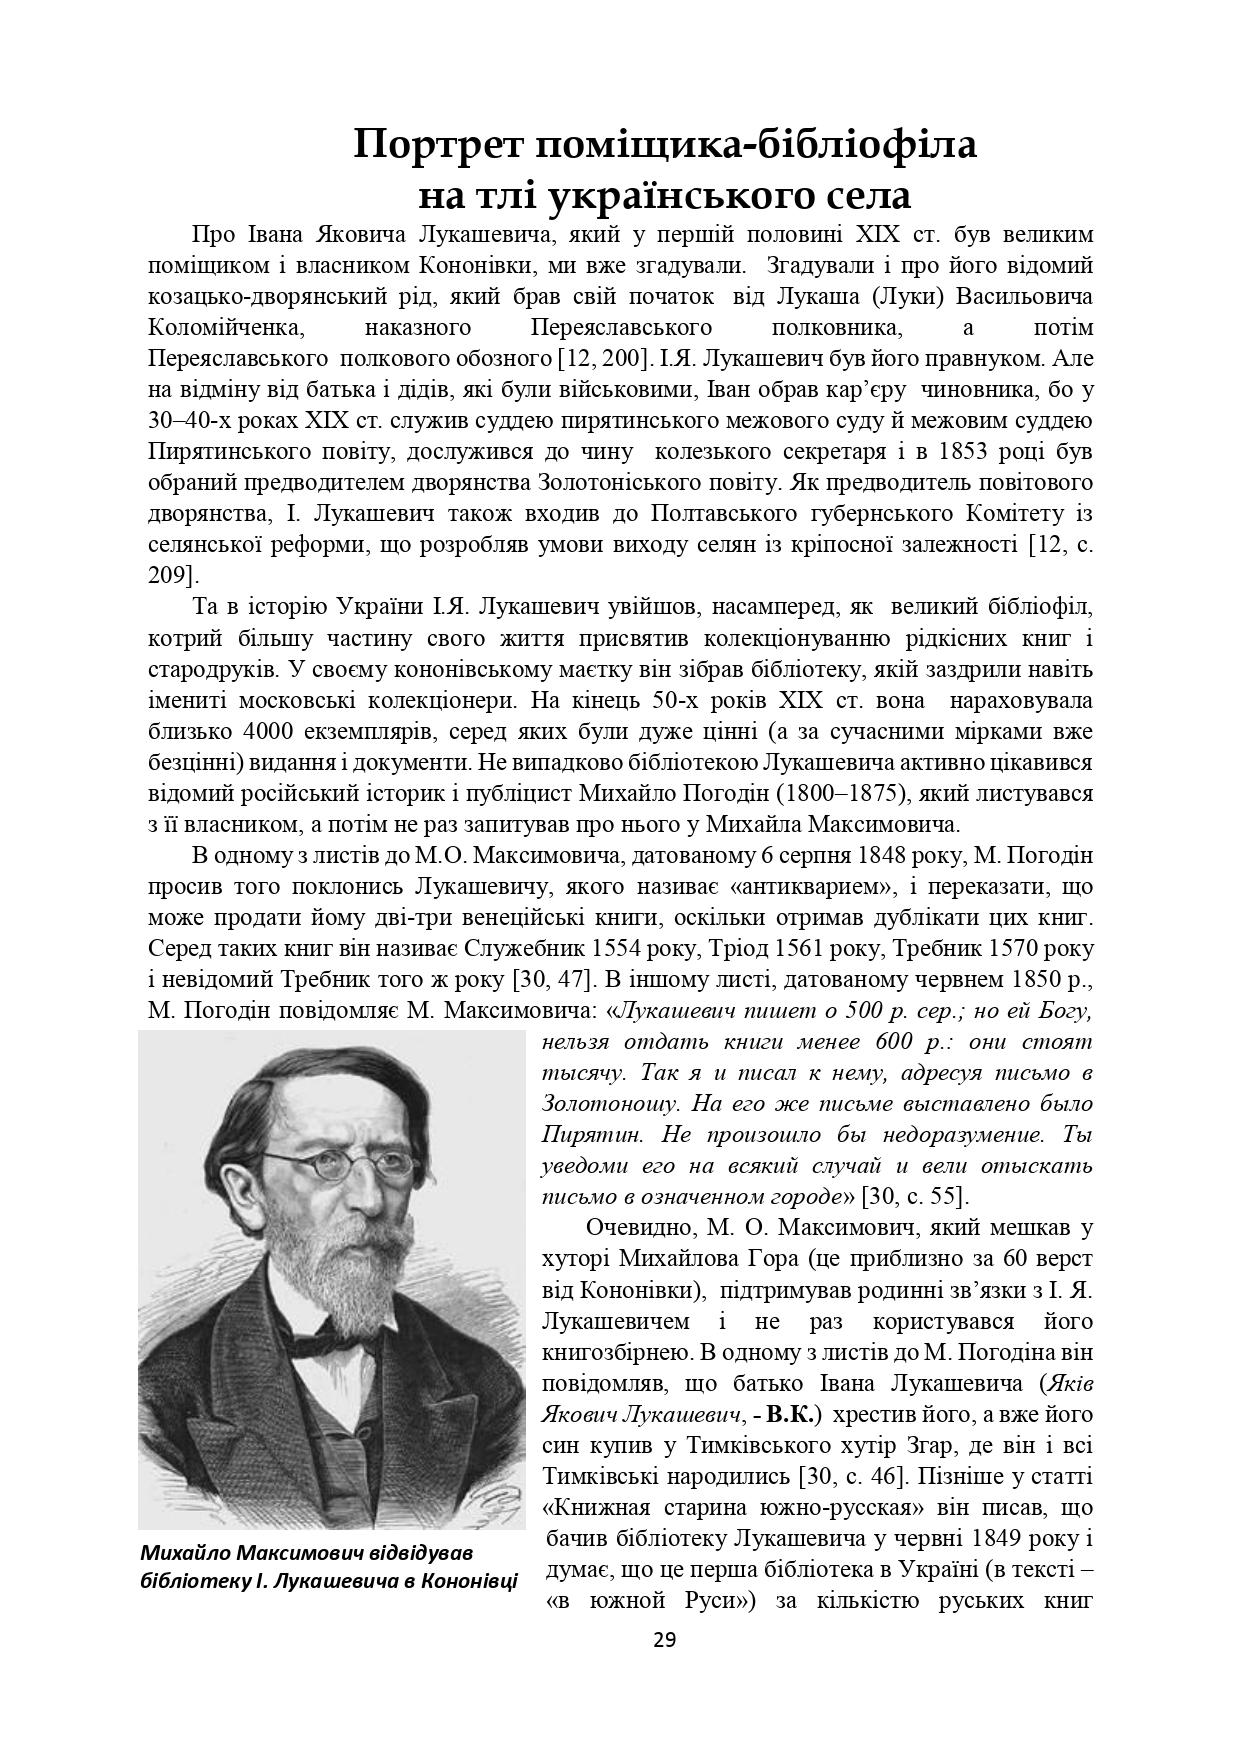 ІСТОРІЯ СЕЛА КОНОНІВКА 2021 (1)_page-0029